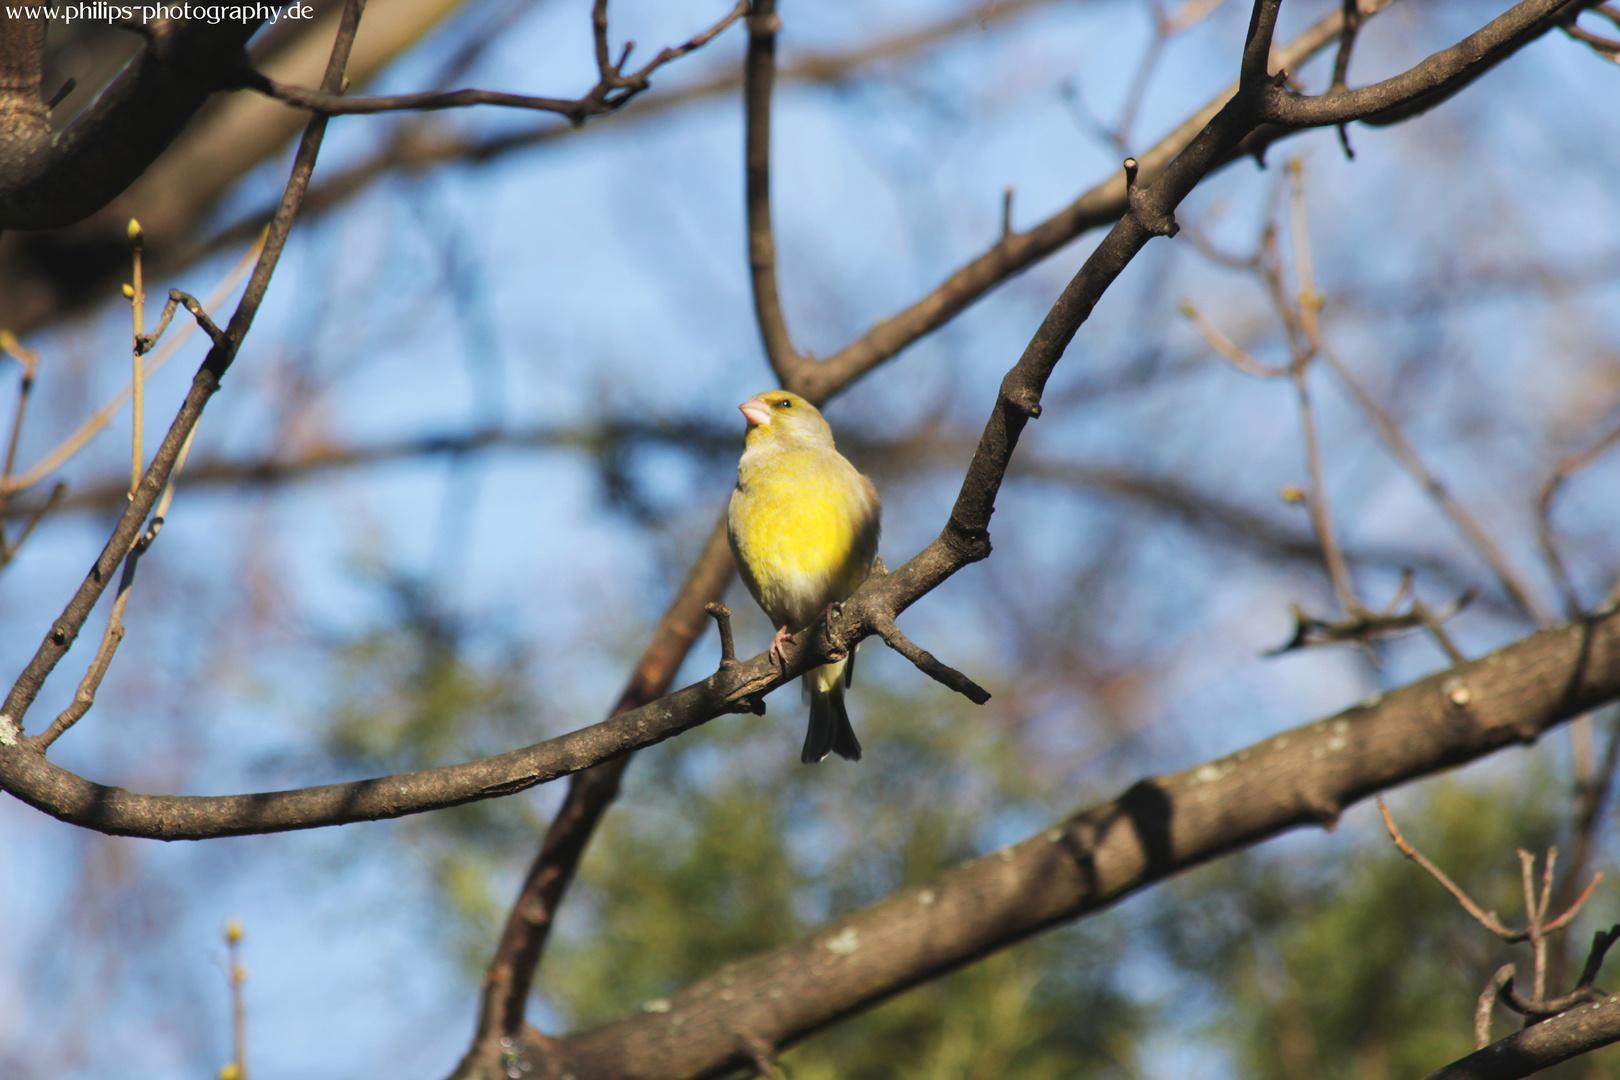 Der Frühling kommt und die Vögel zwitschern